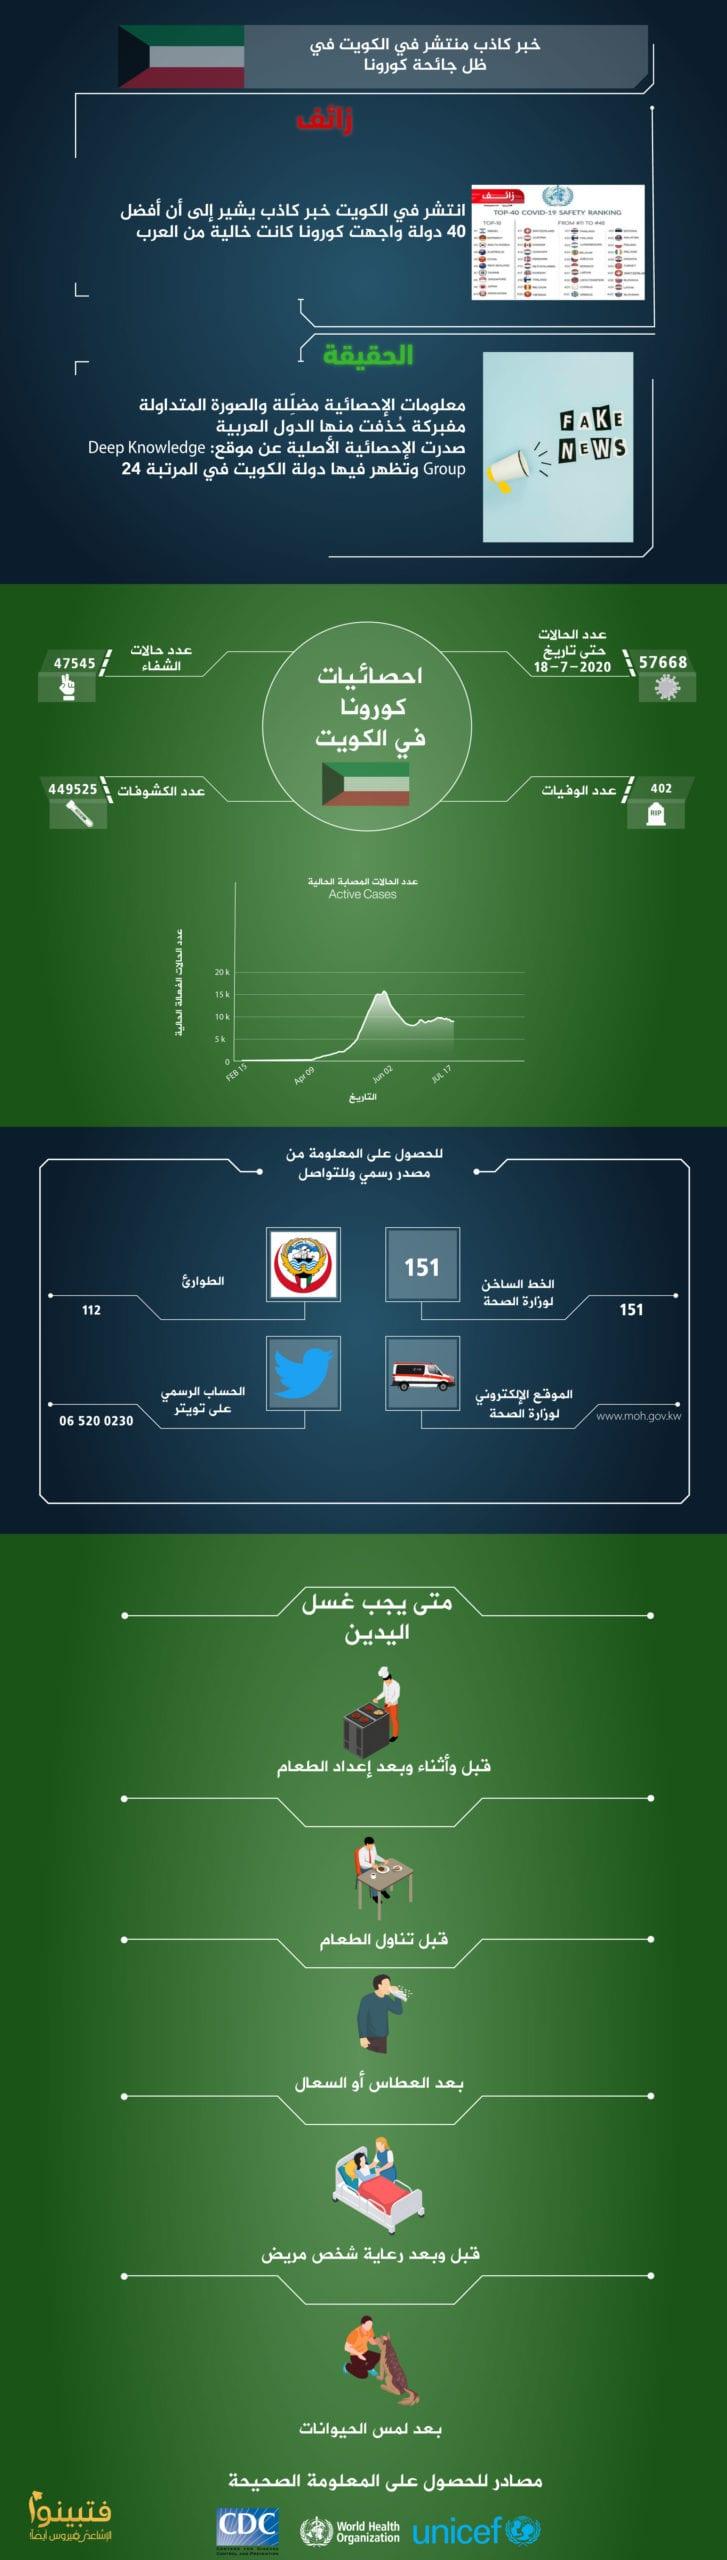 حملة كورونا في العالم العربي الكويت